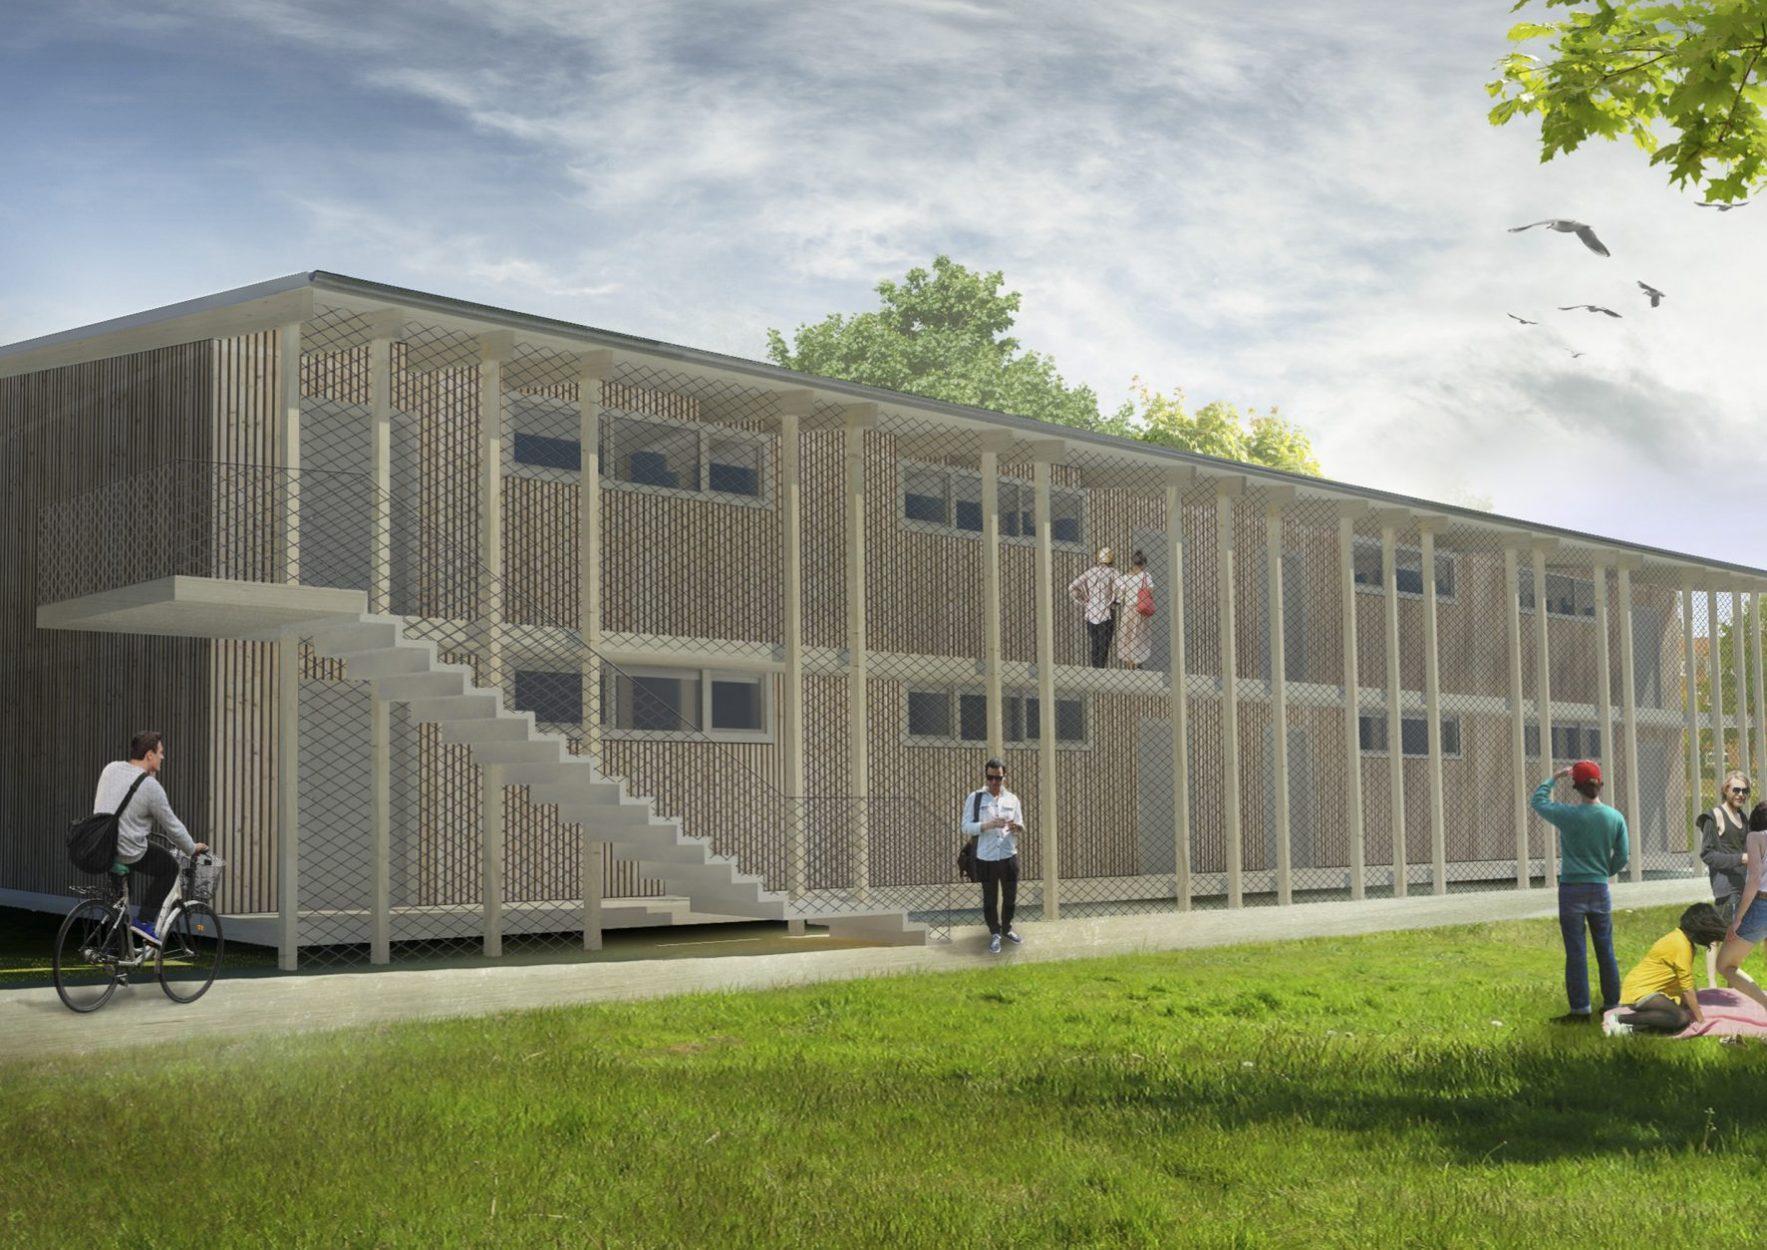 modular-bauen-beispiel-wohnmodul-vorderseite